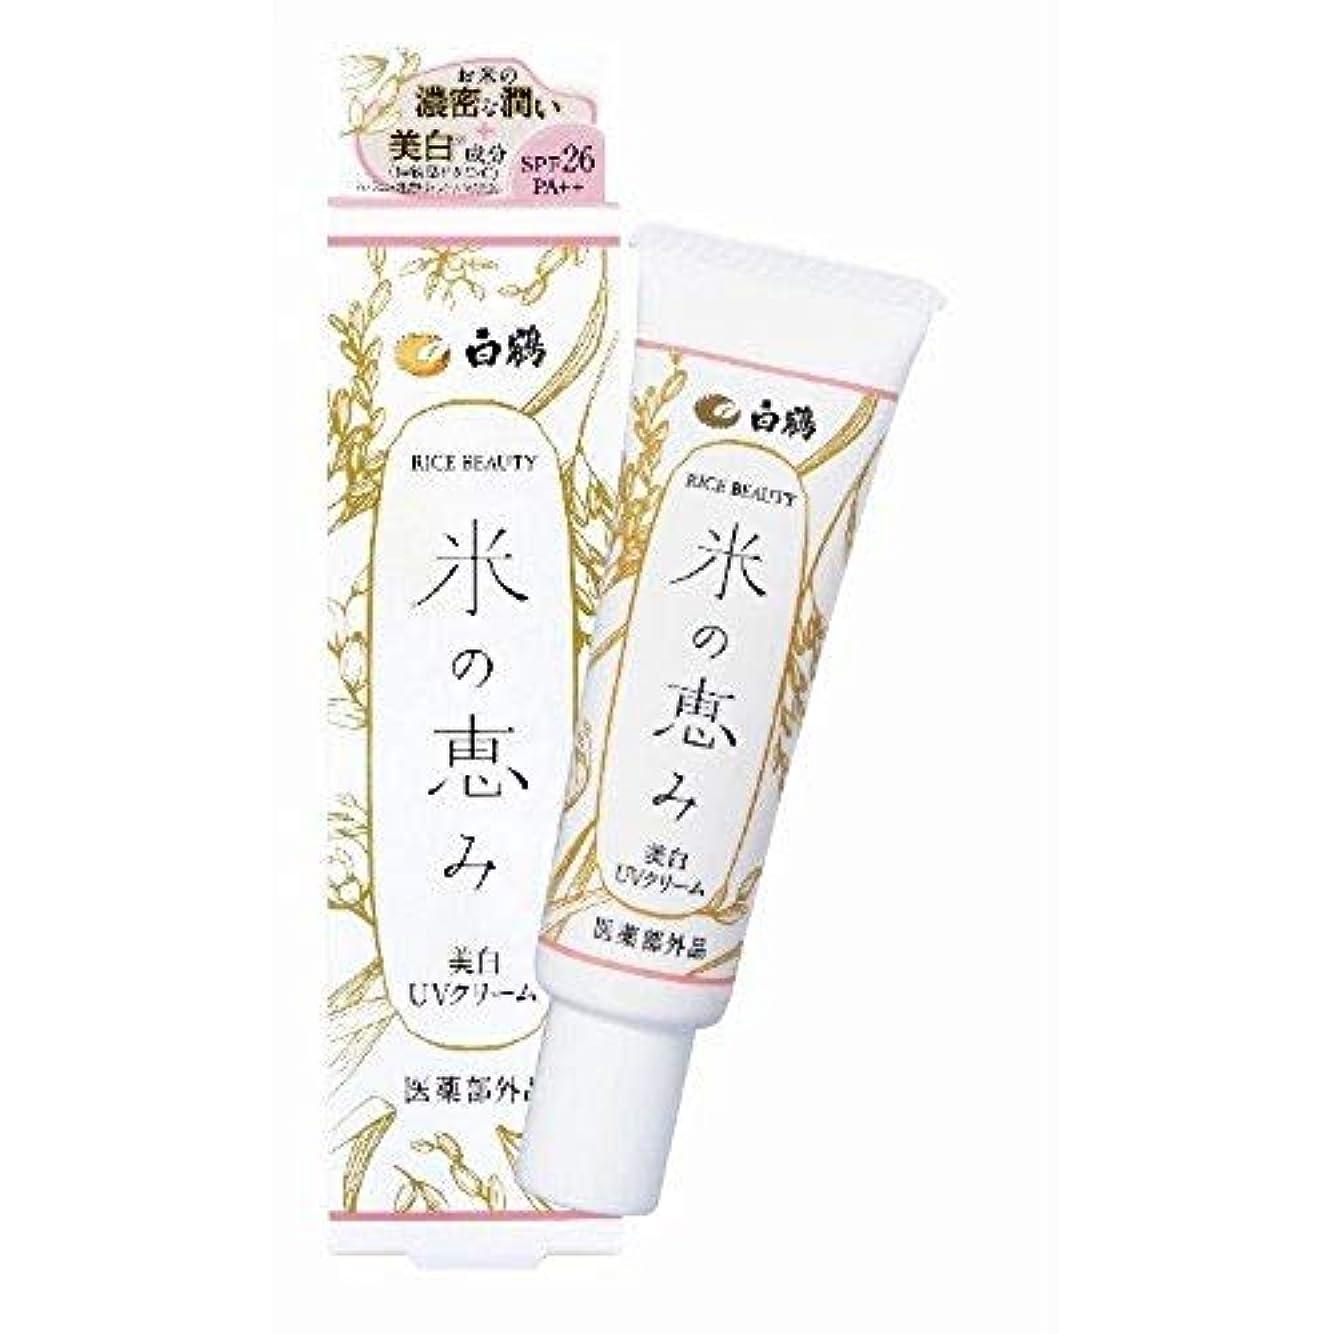 キャプチャージャズブル白鶴 ライスビューティー 米の恵み 美白UVクリーム 30g SPF26/PA++ (日焼け止め/医薬部外品)